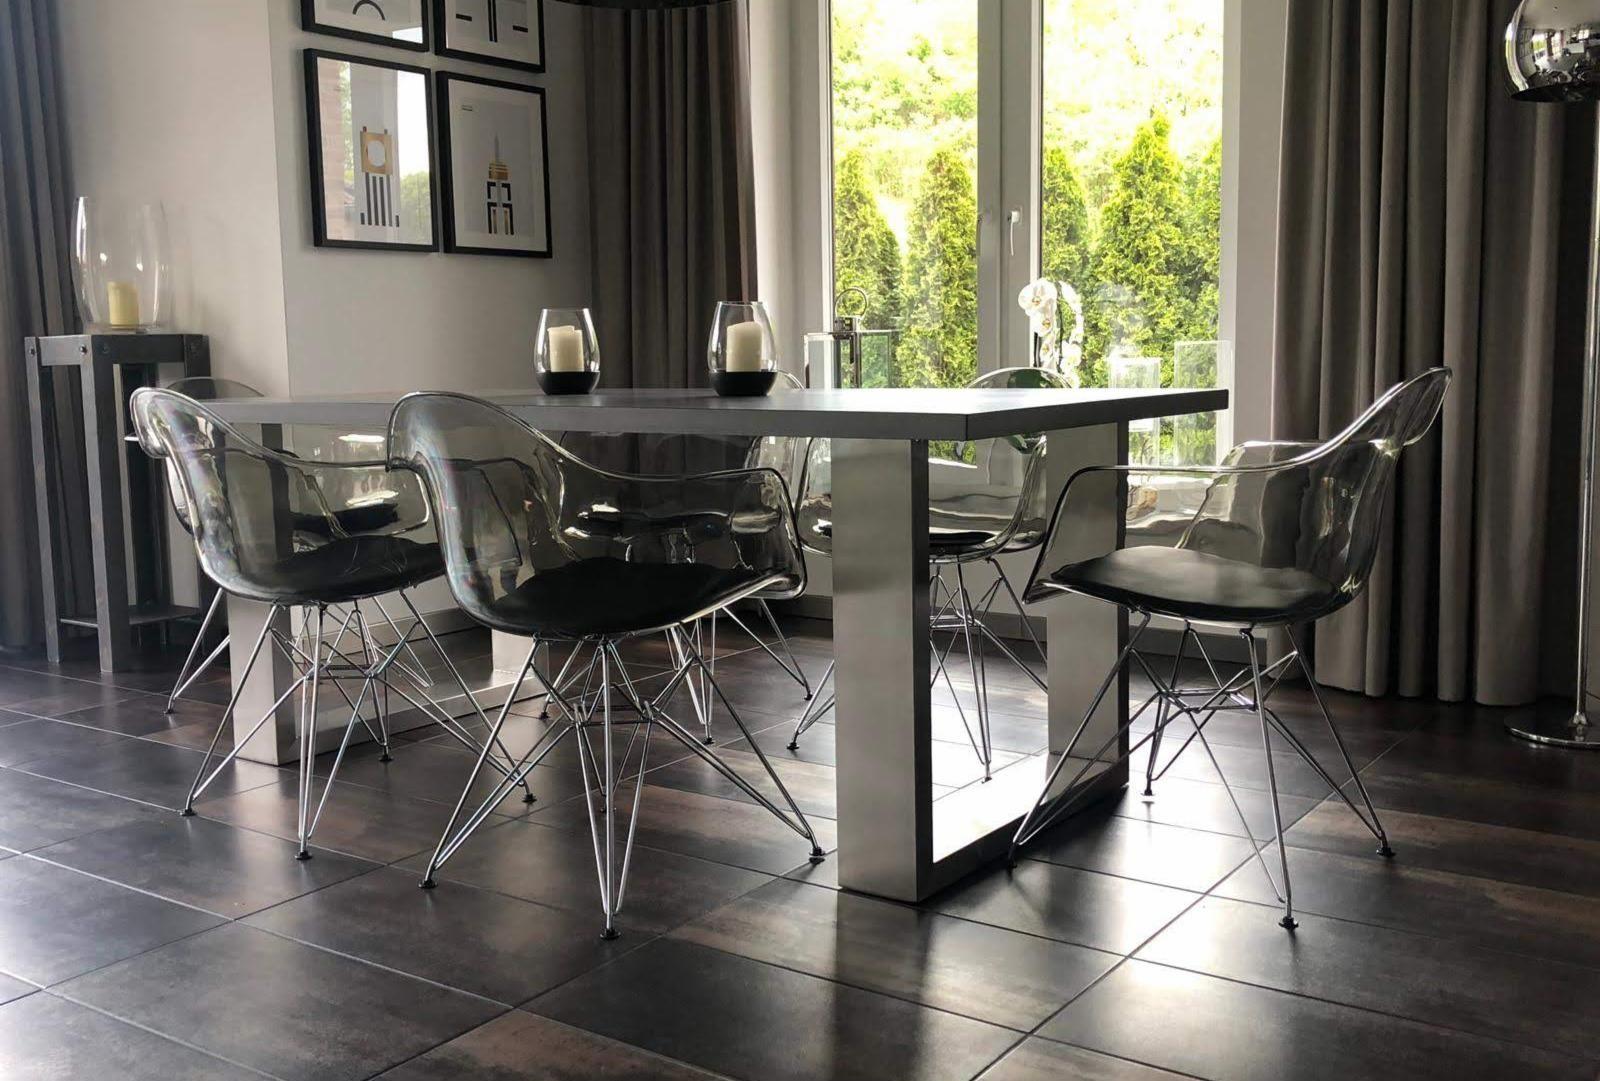 Markant, modern und schlichtes Design. Dieser Esstisch aus